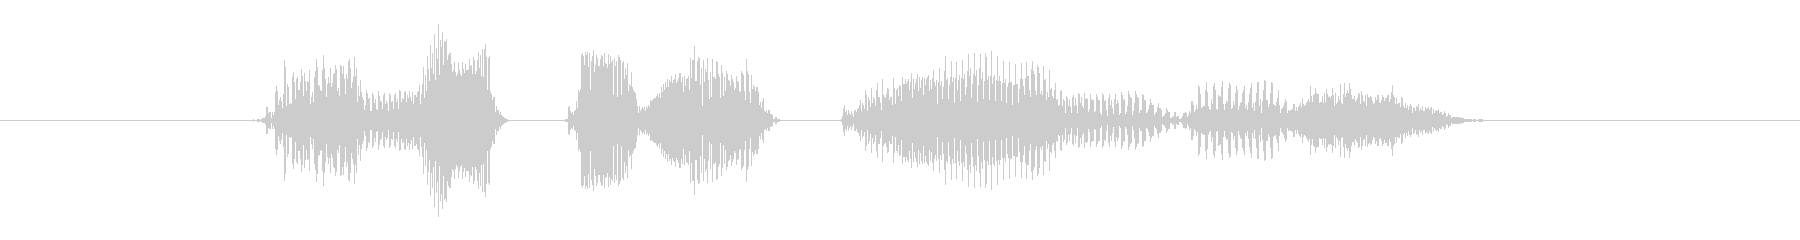 ゲーム向け「あなたのターンです」の未再生の波形